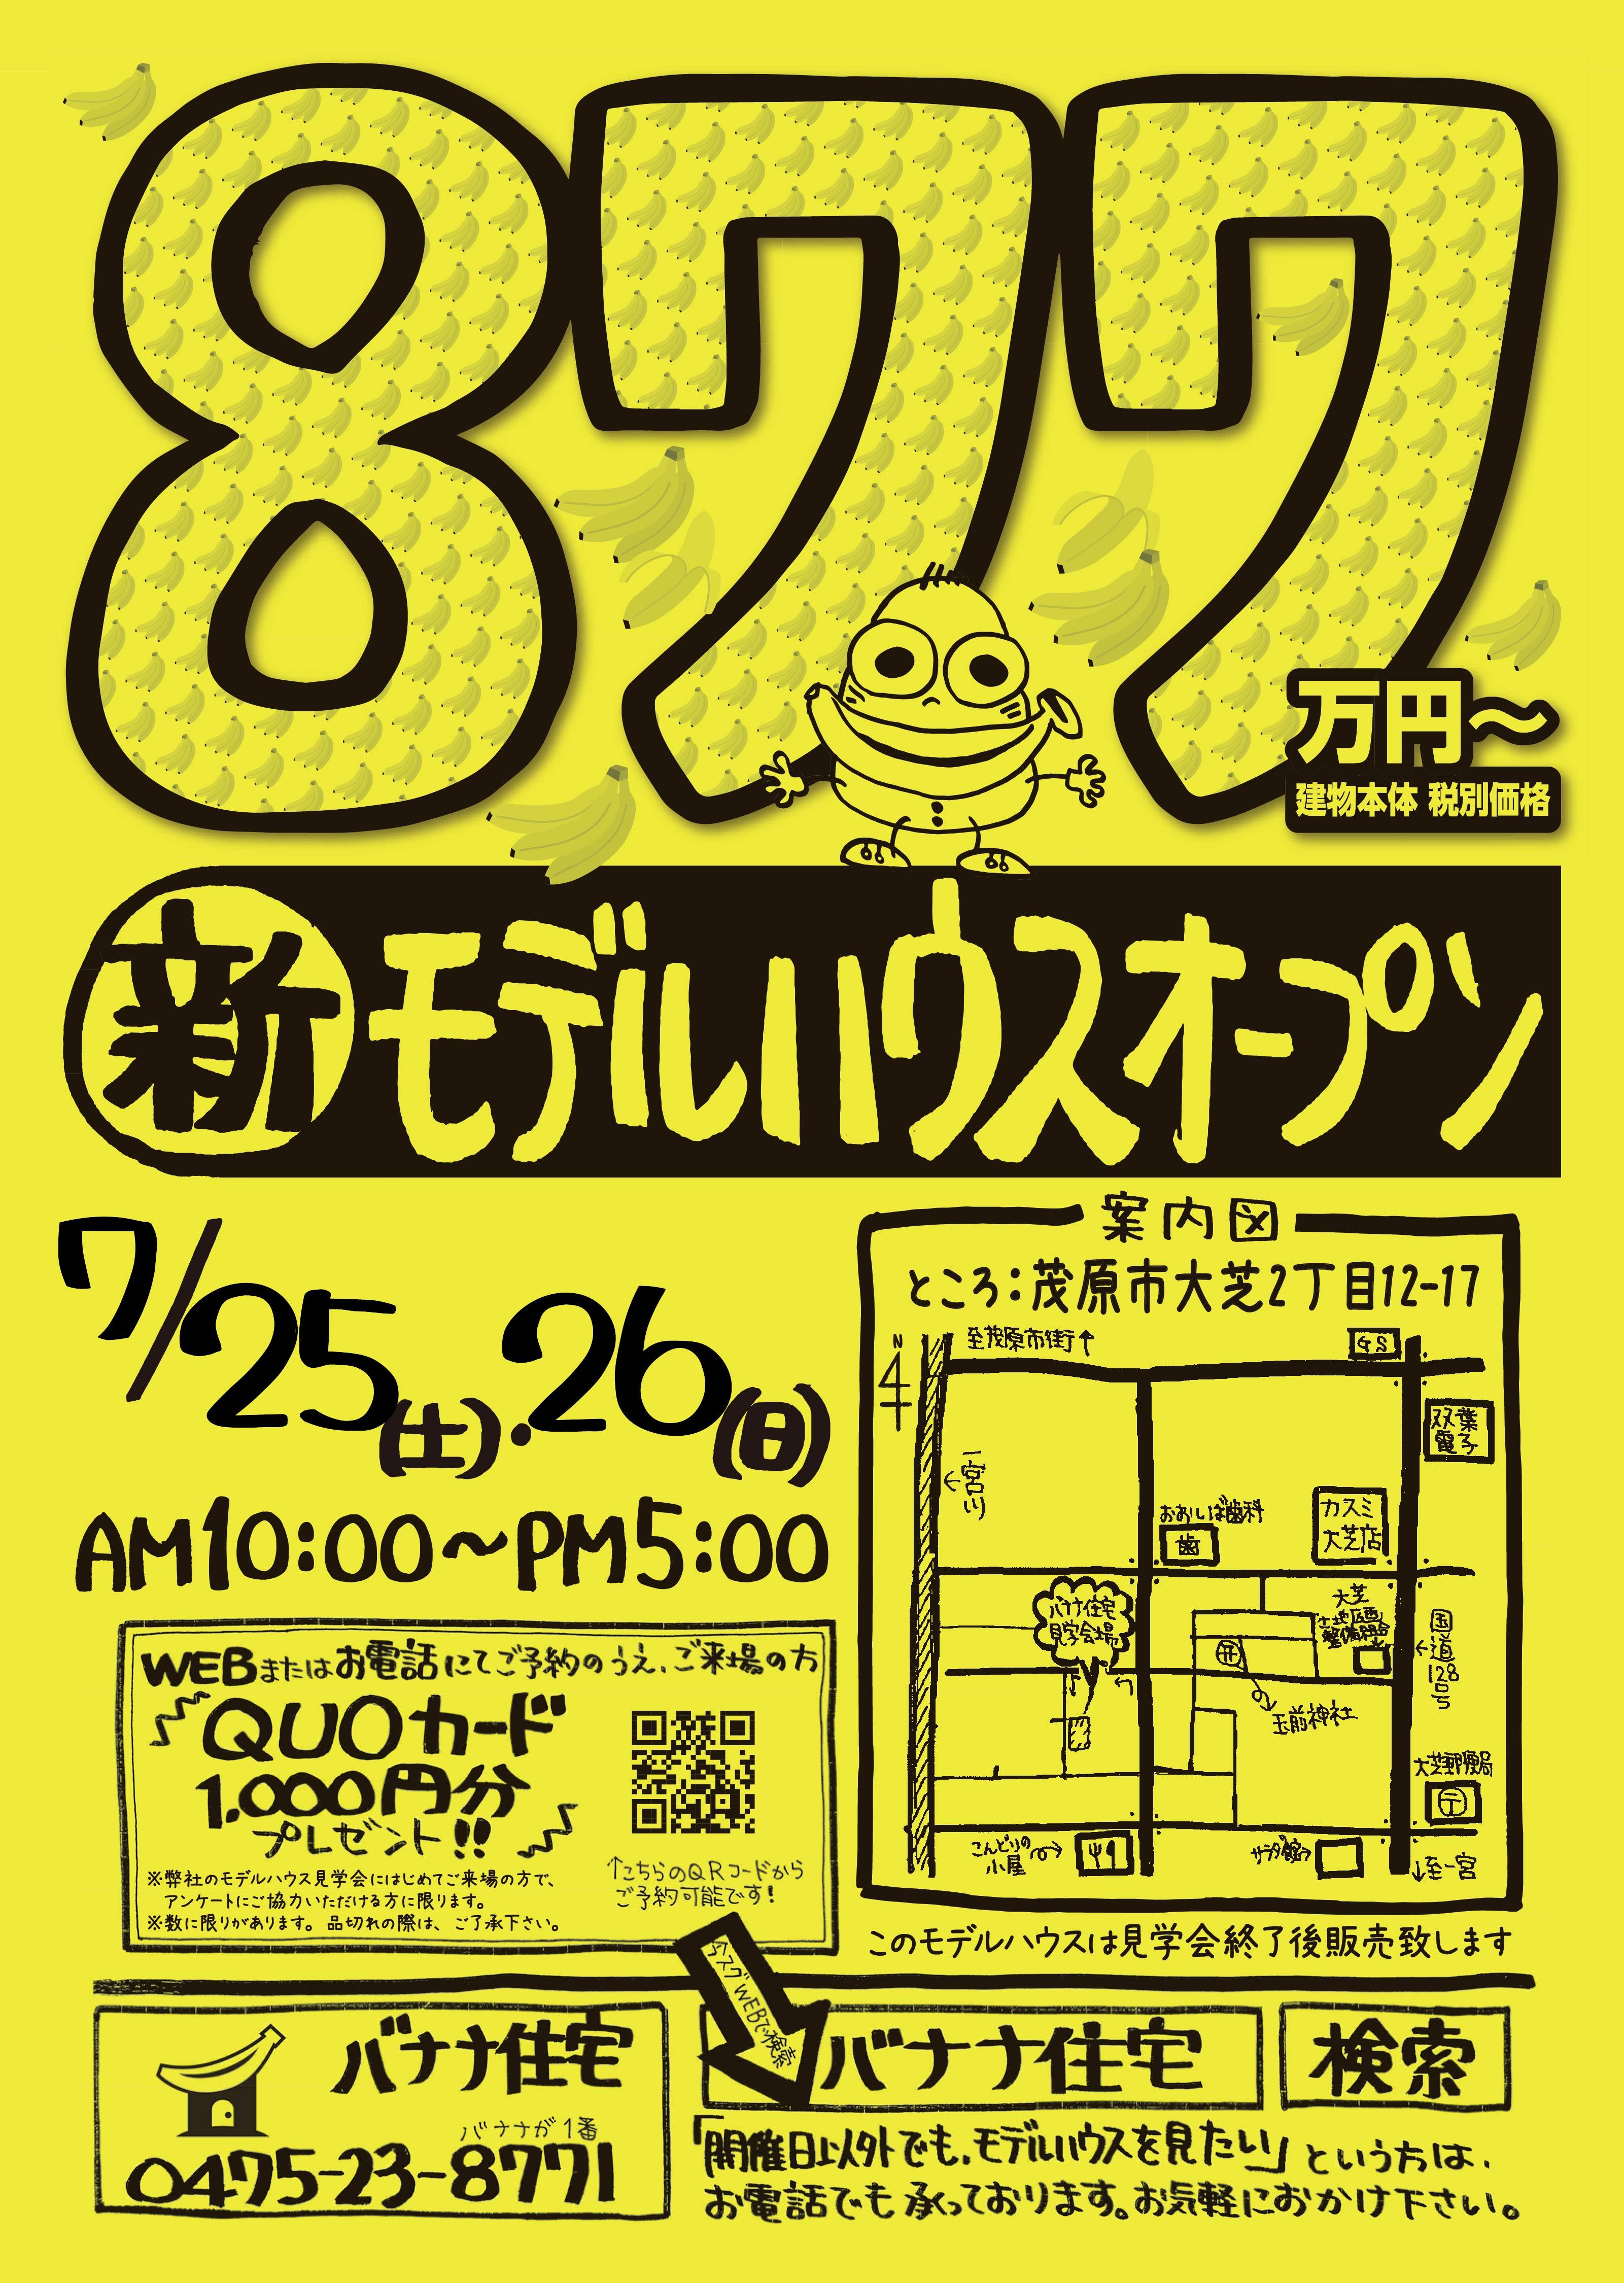 大芝にモデルハウスがオープン!!